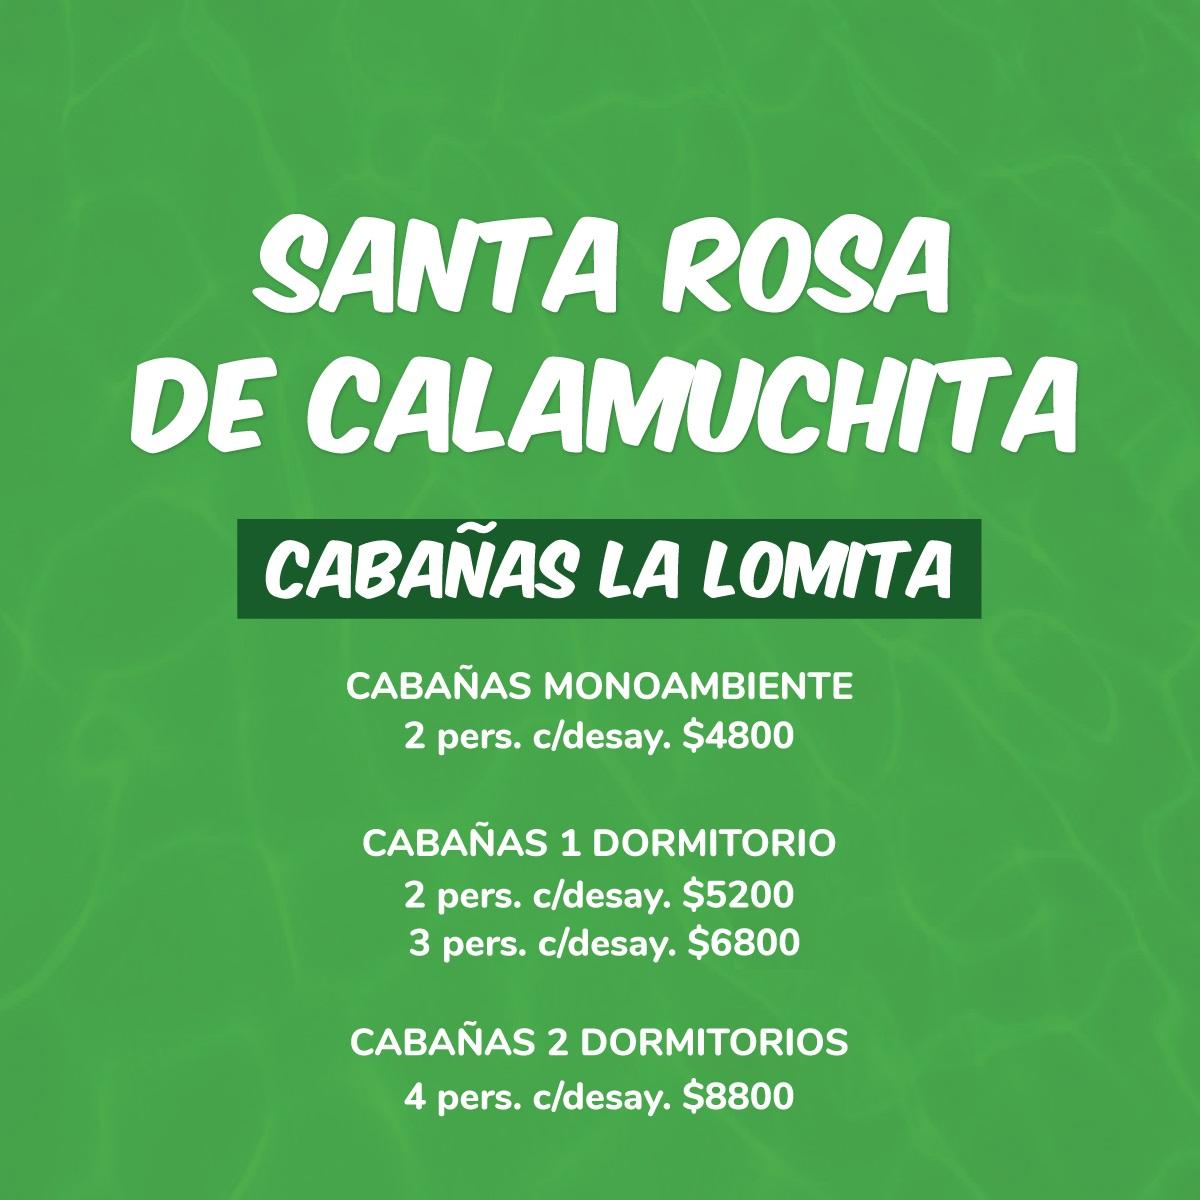 Santa Rosa CALAMUCHITA